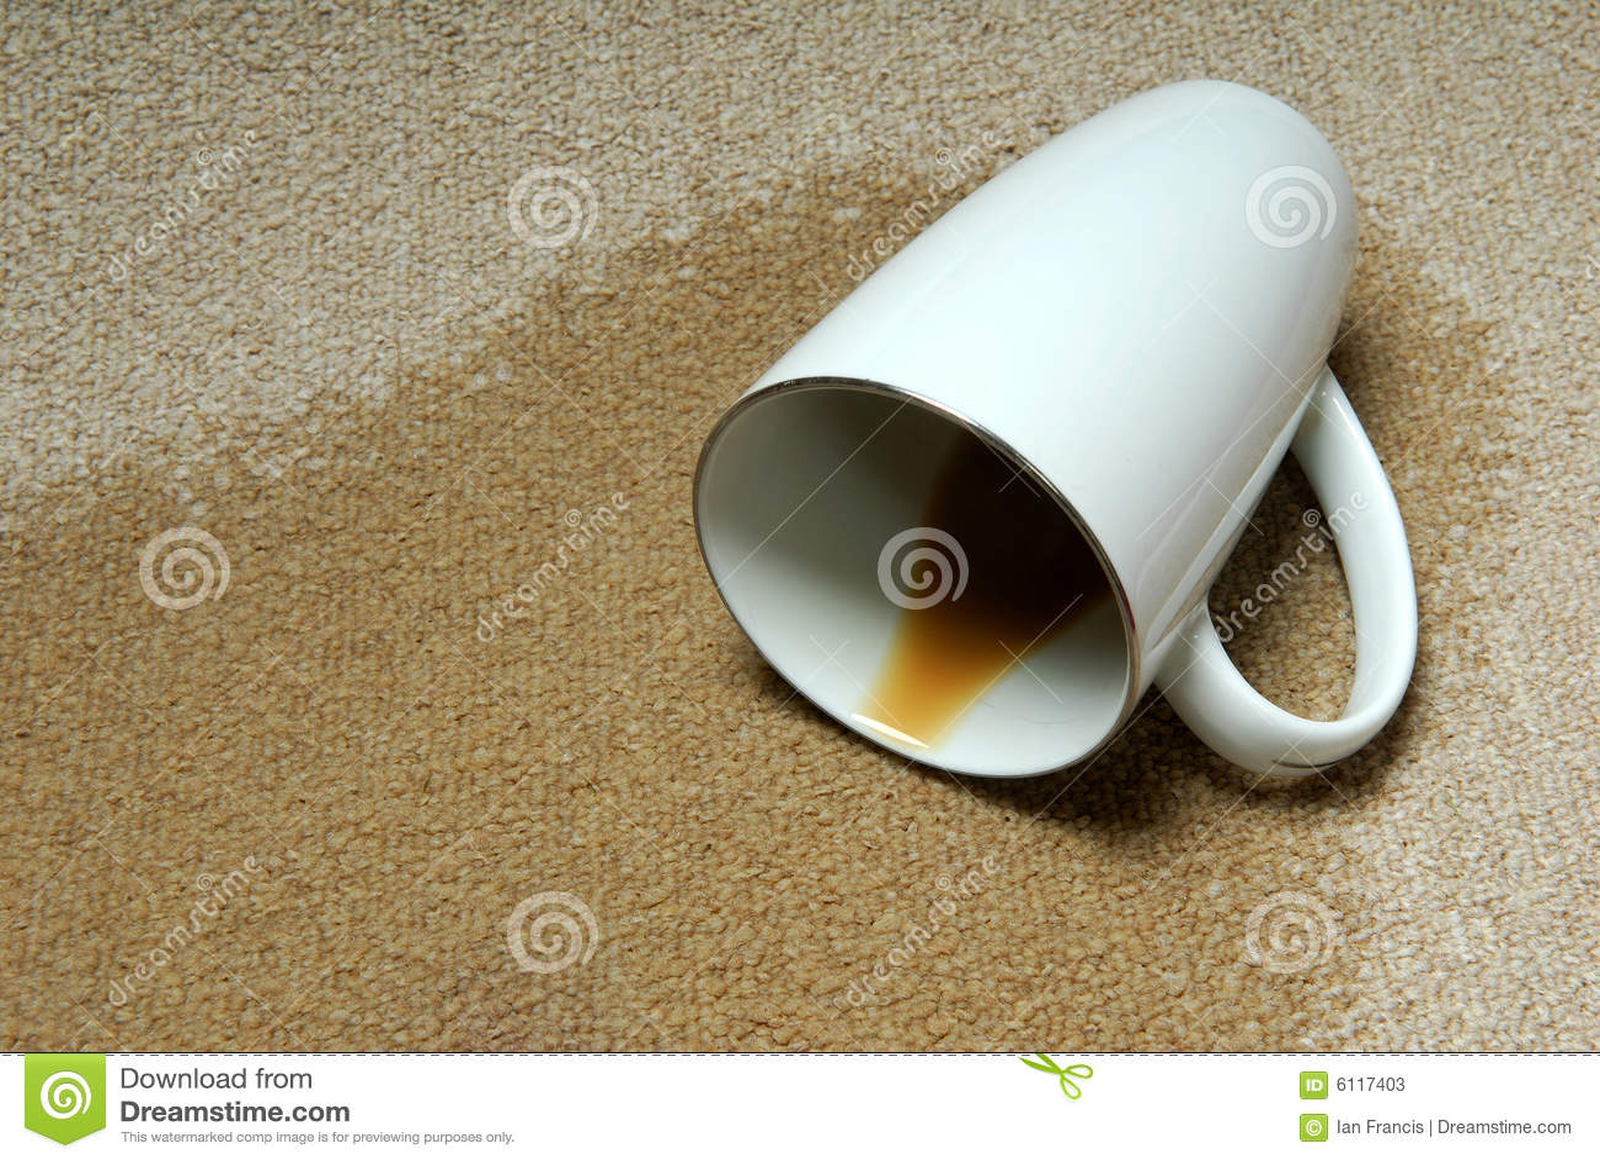 Caffè rovesciato su moquette